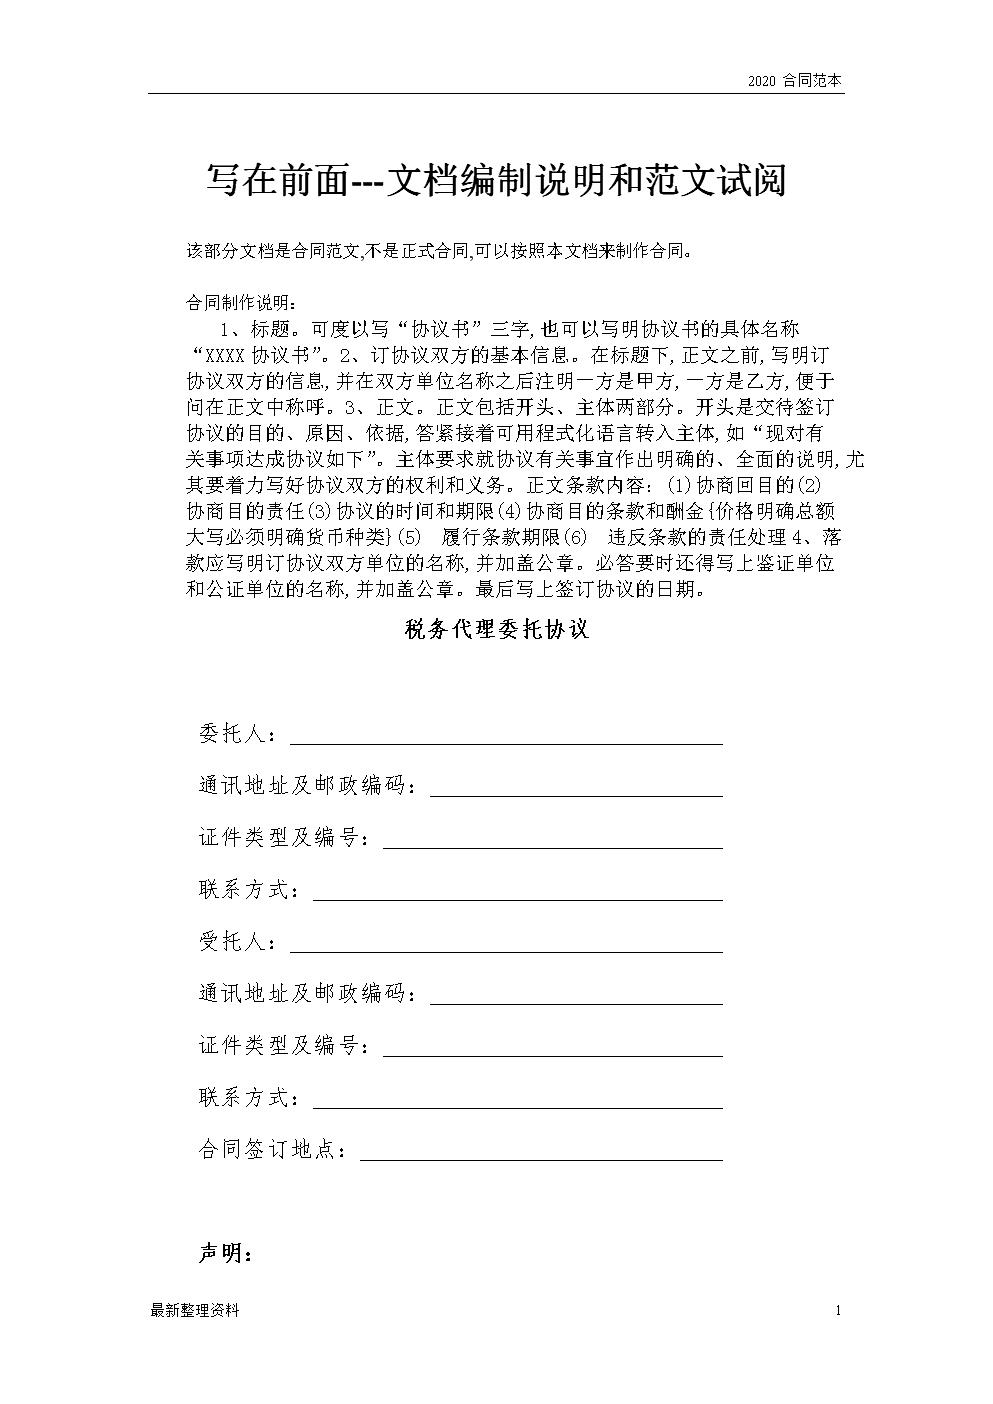 代理税务 服务协议书.doc